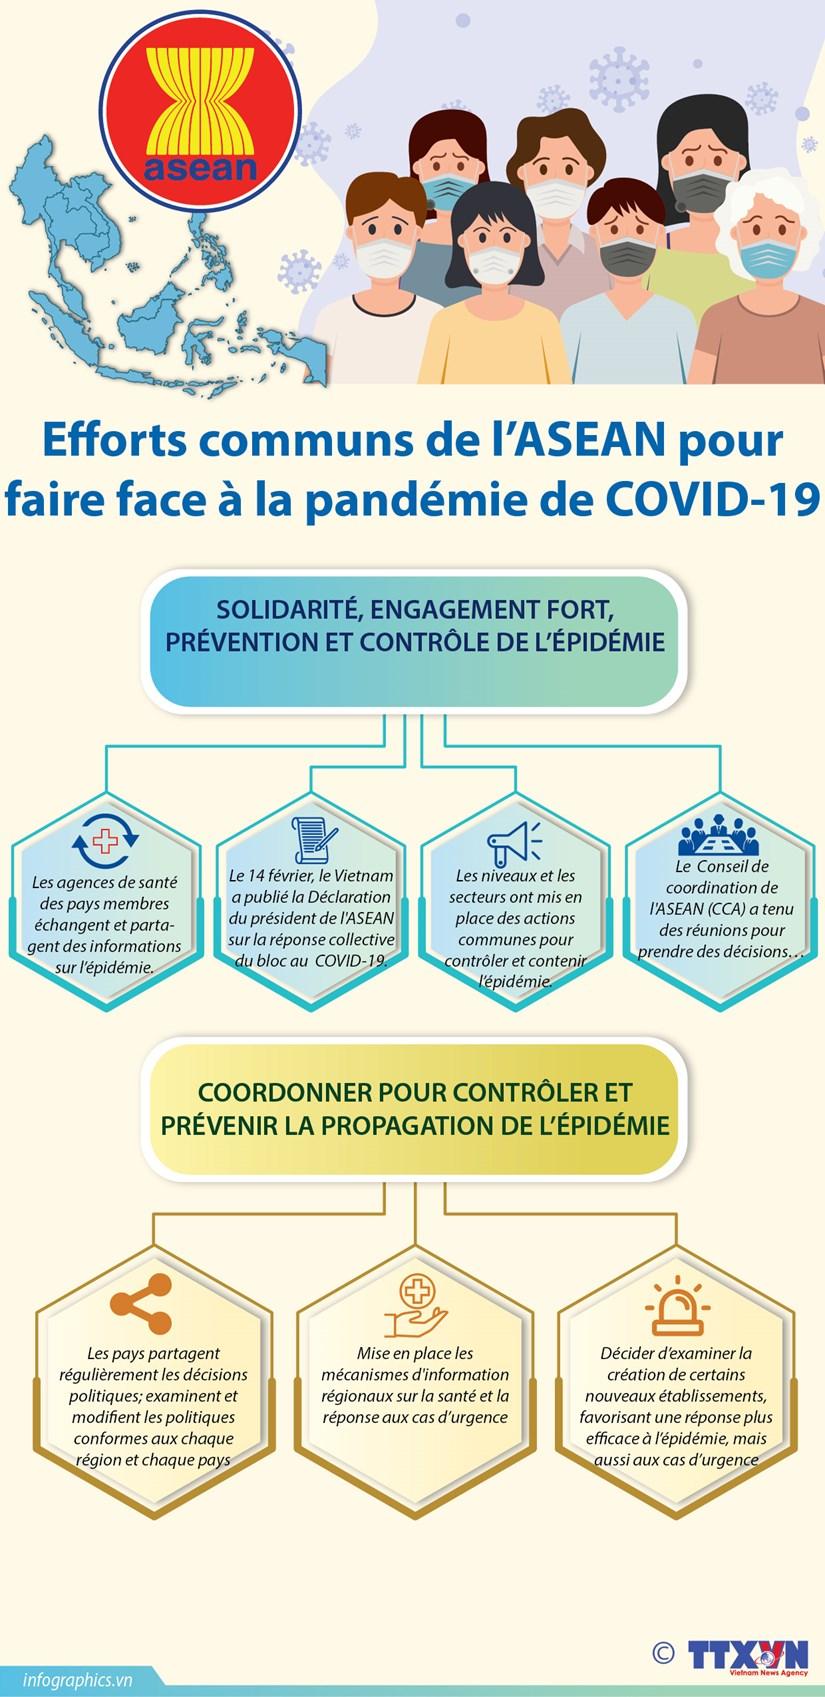 Efforts communs de l'ASEAN pour faire face a la pandemie de COVID-19 hinh anh 1